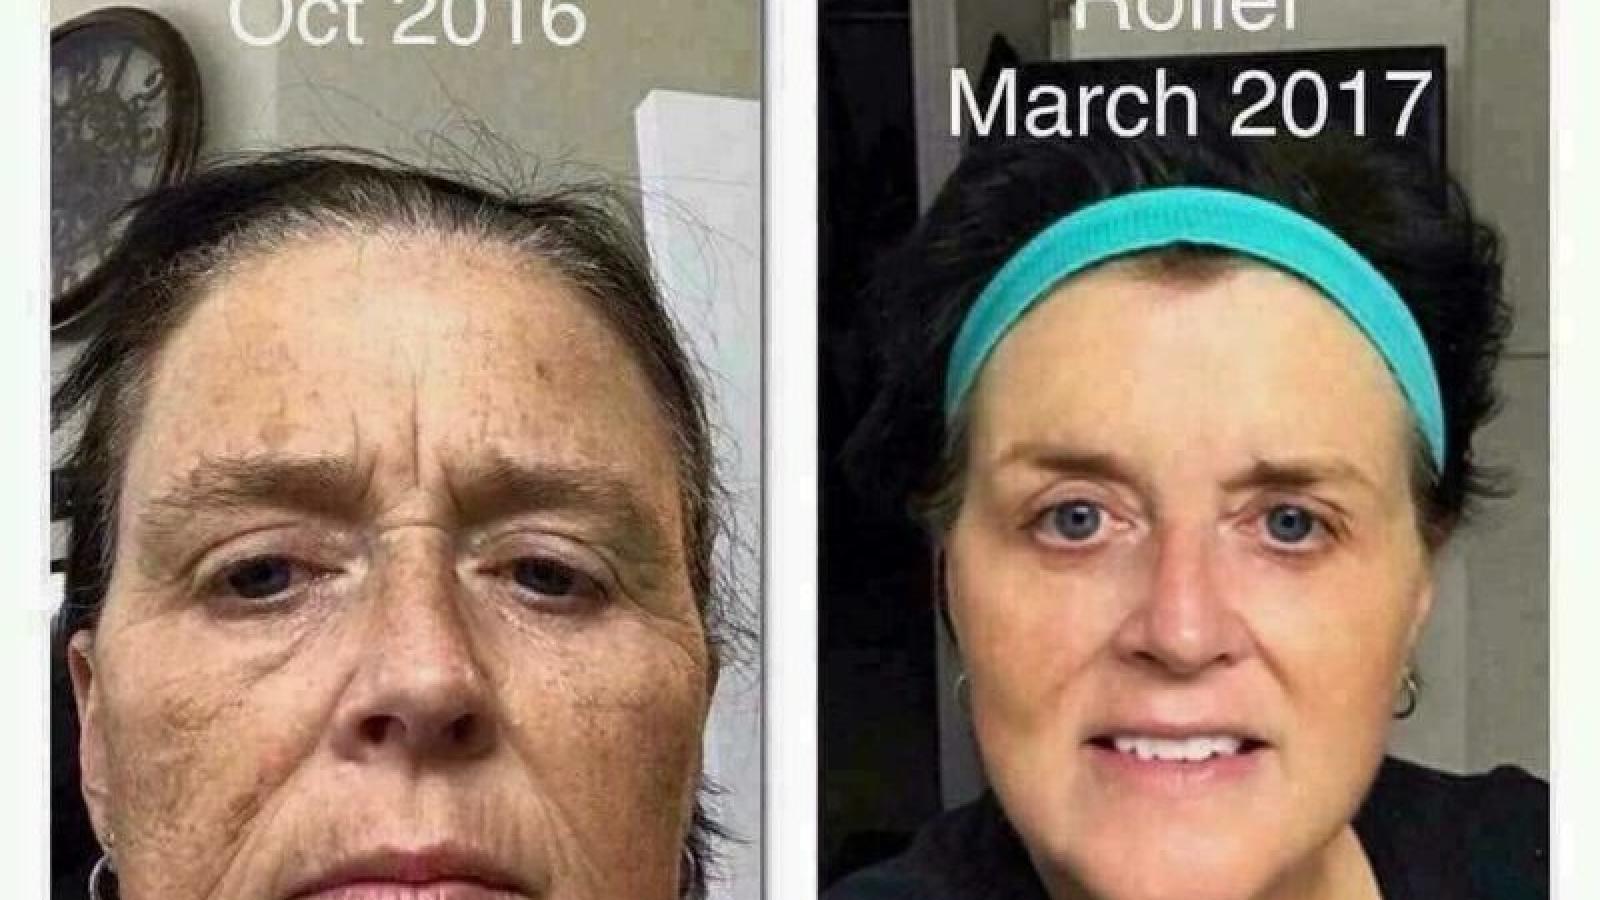 Beauty regimine to get rid of wrinkles